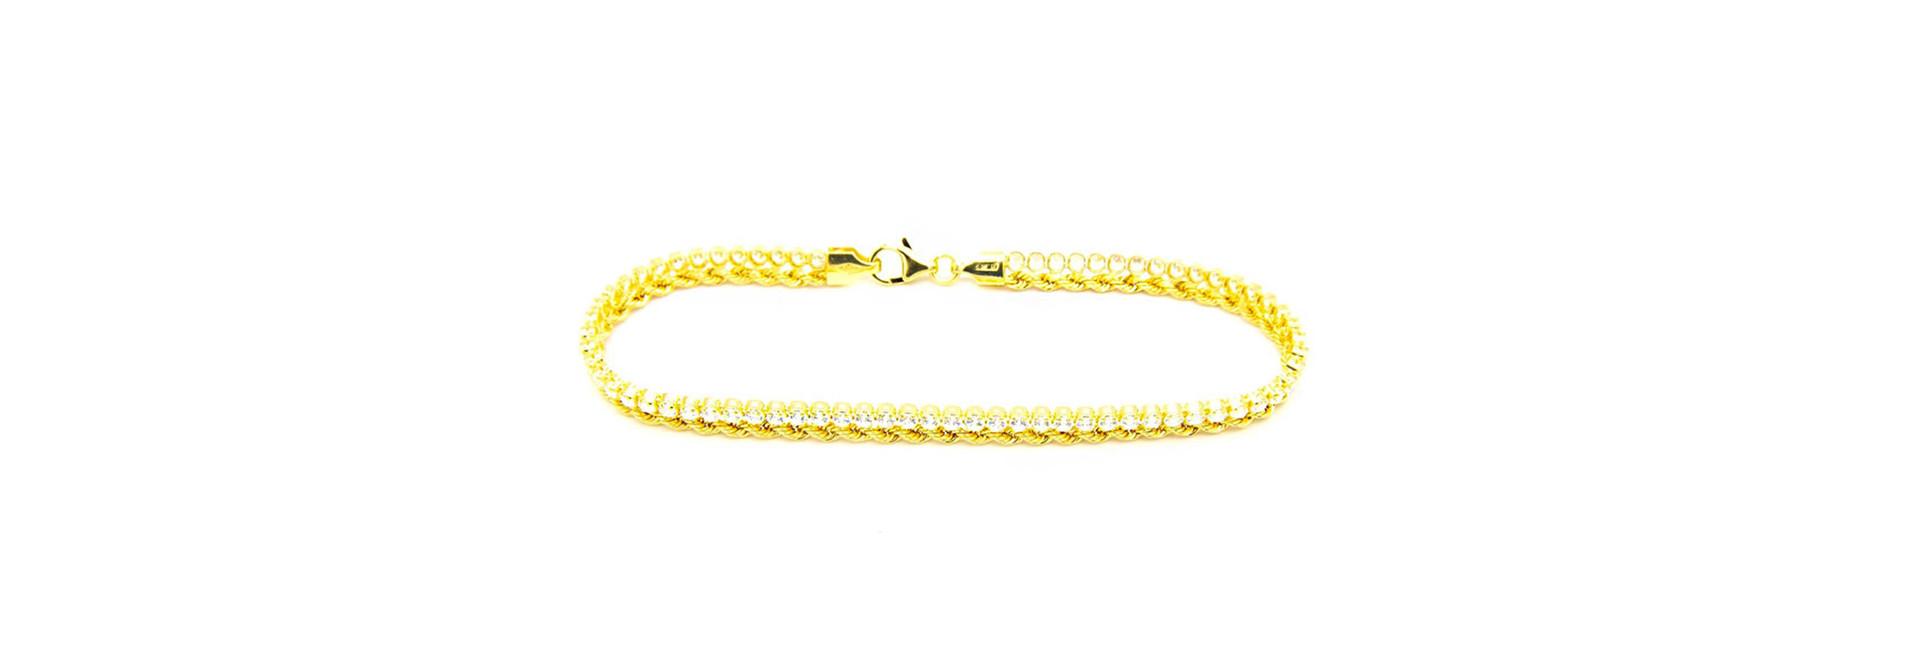 Armband 1 rope chain en 1 zirkonia rij